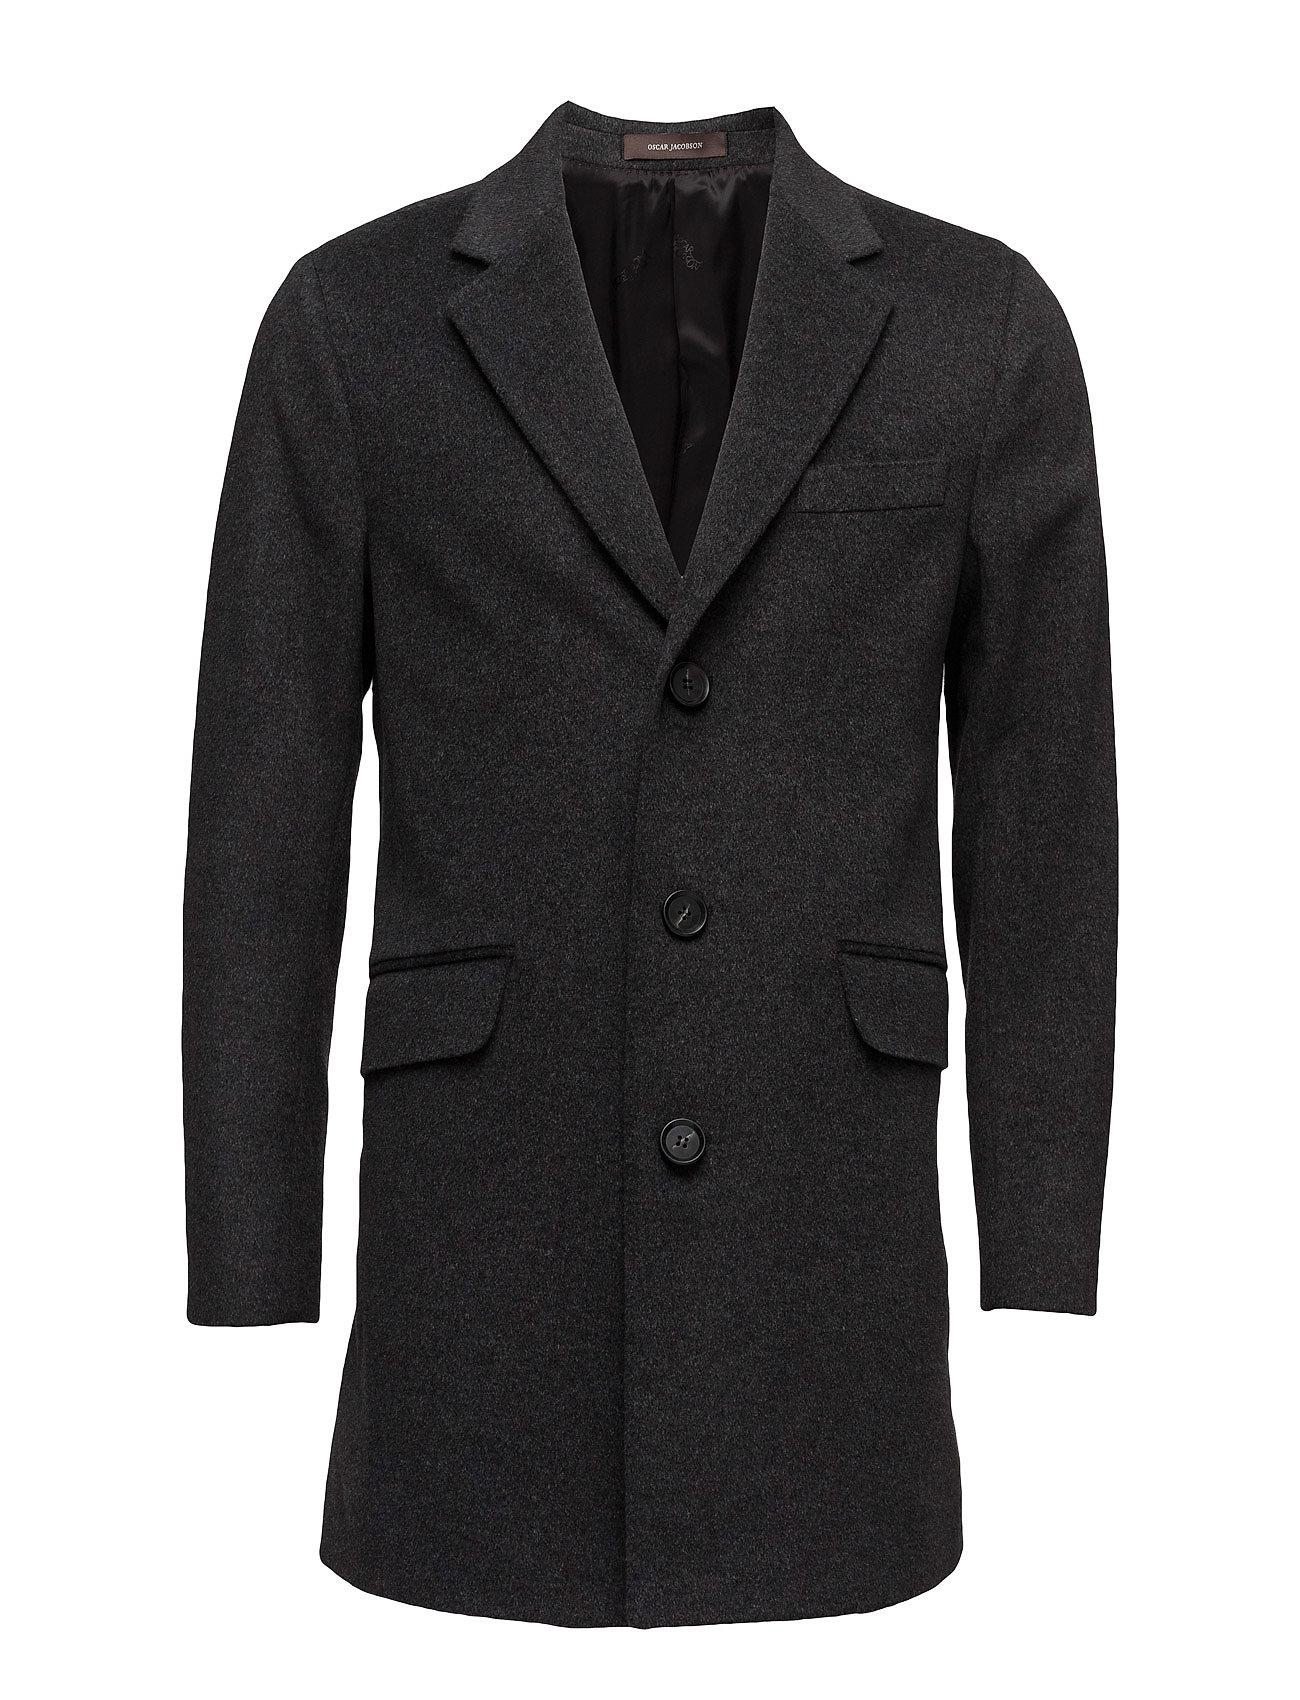 Oscar Jacobson Saks Coat - 110 - DARK GREY